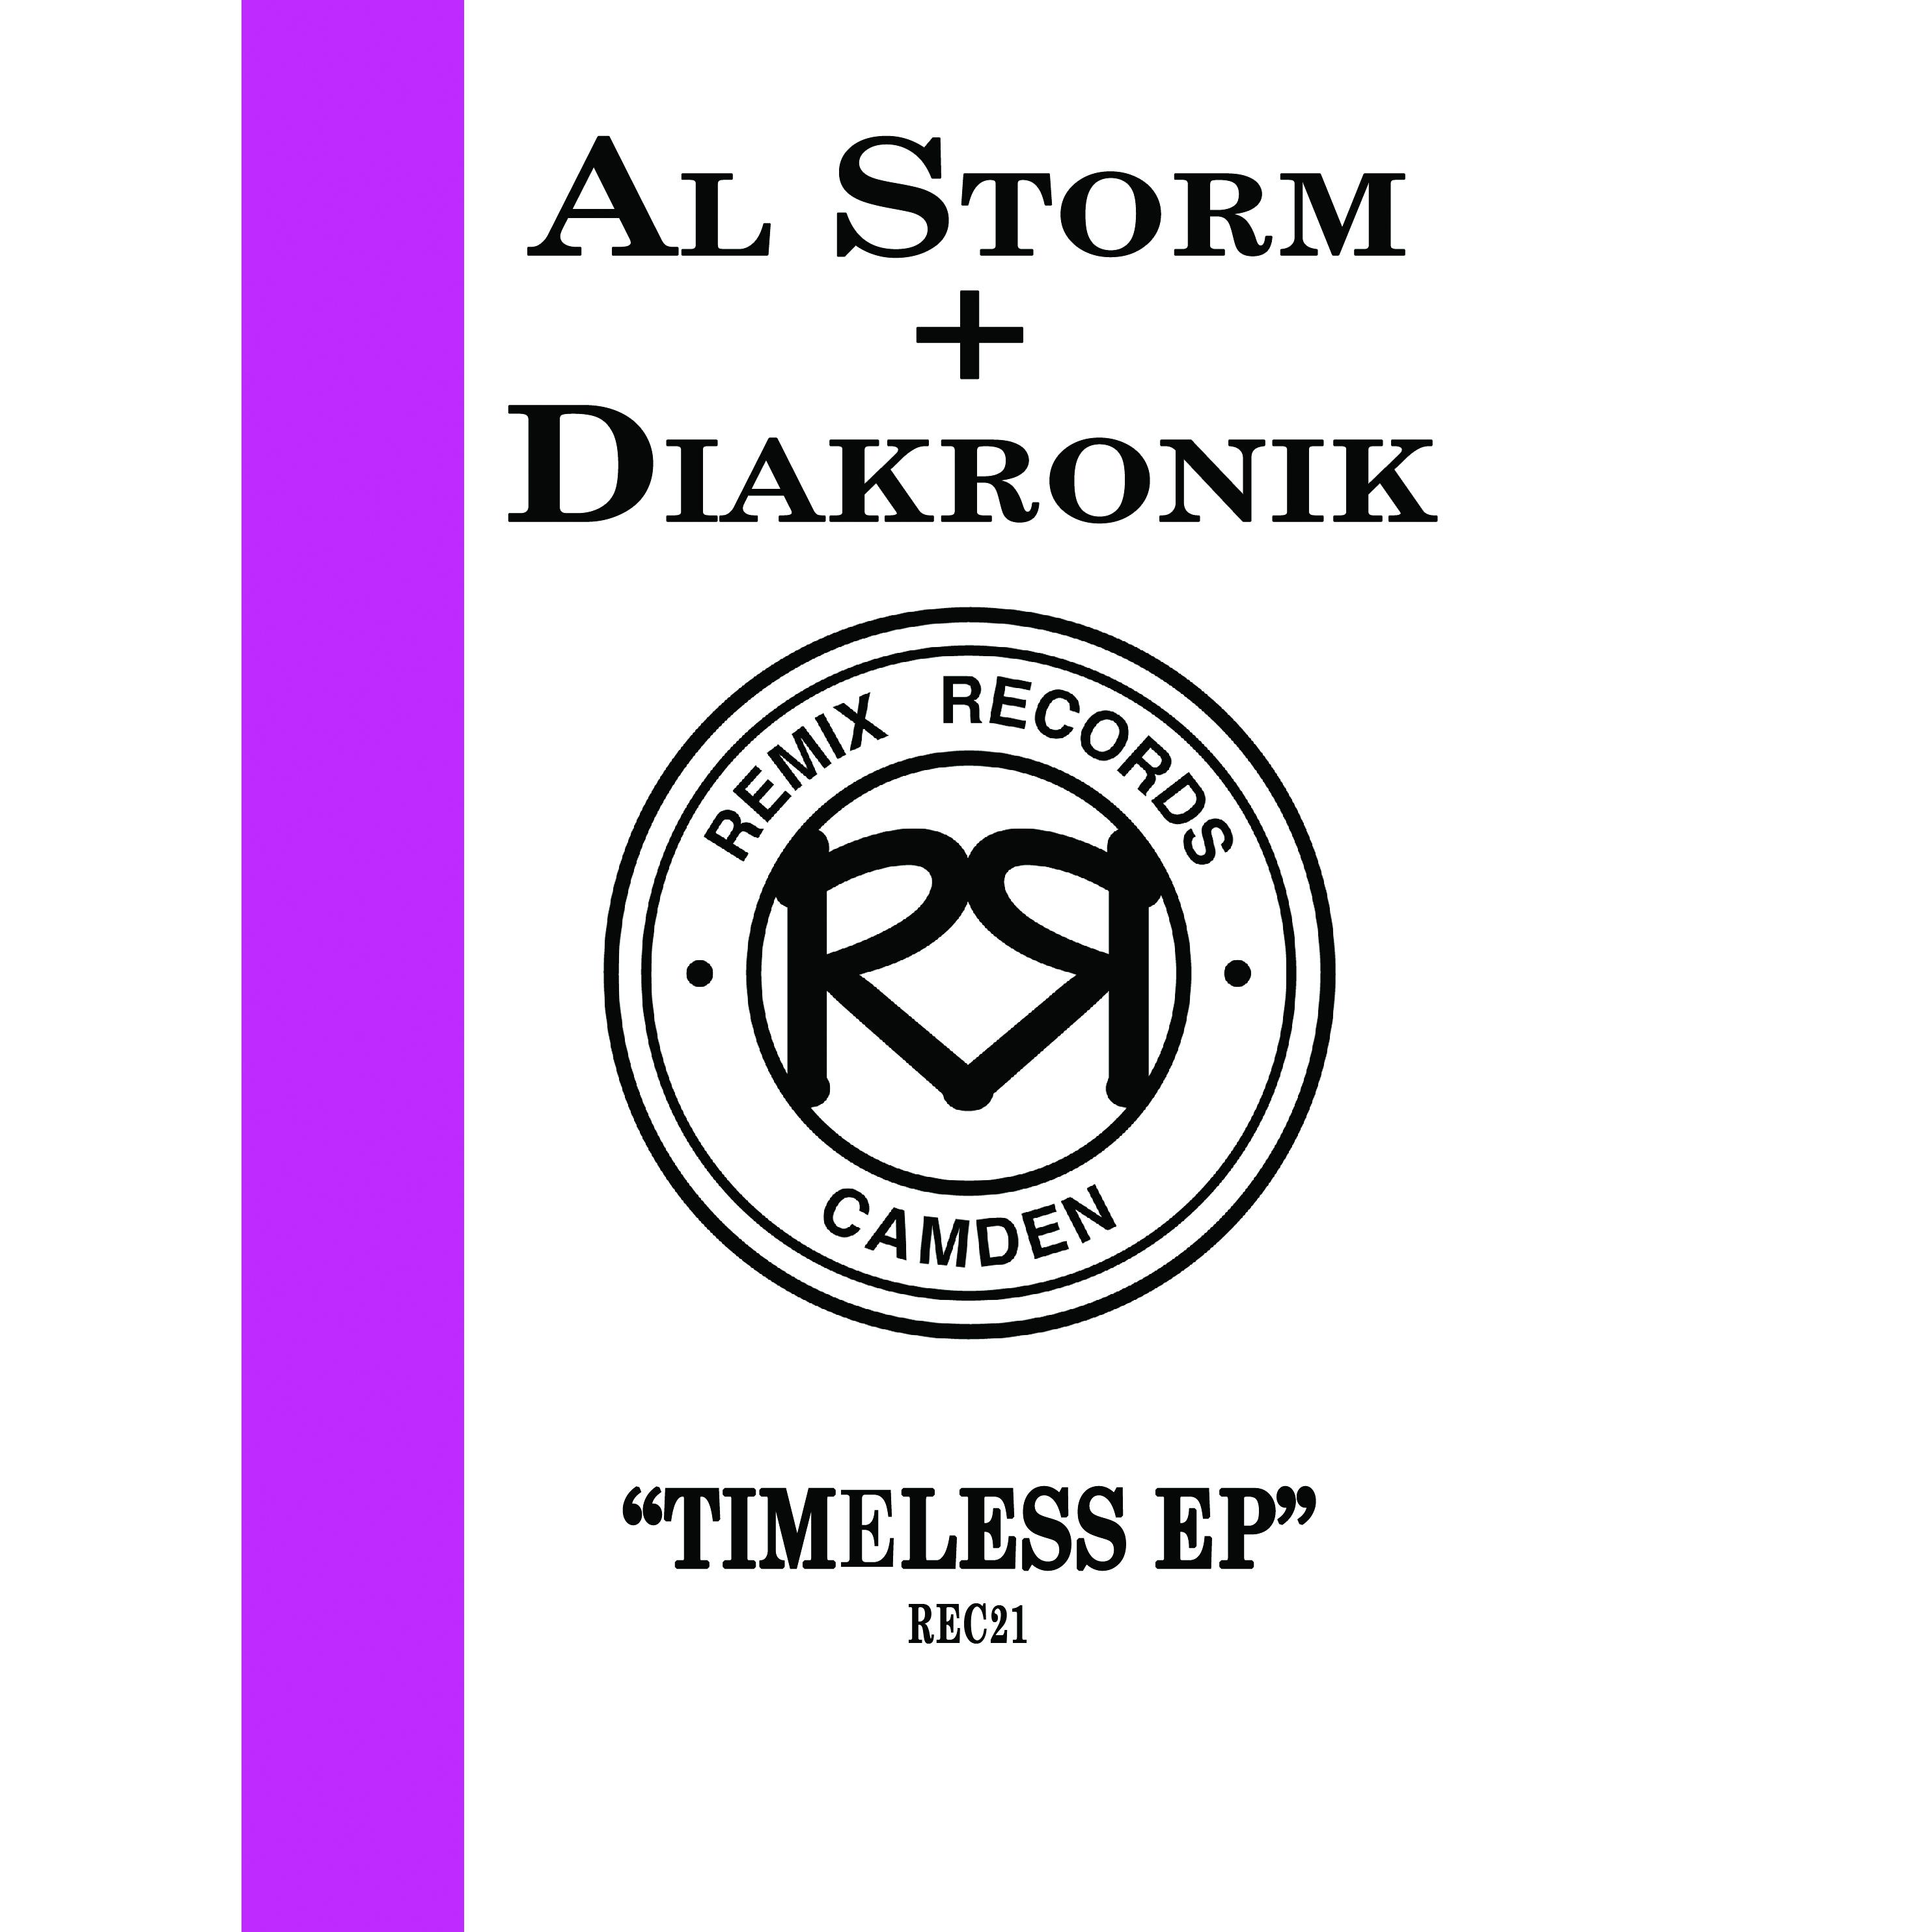 """[REC021] Al Storm & Diakronik - Timeless EP (12"""" Vinyl + Digital)"""